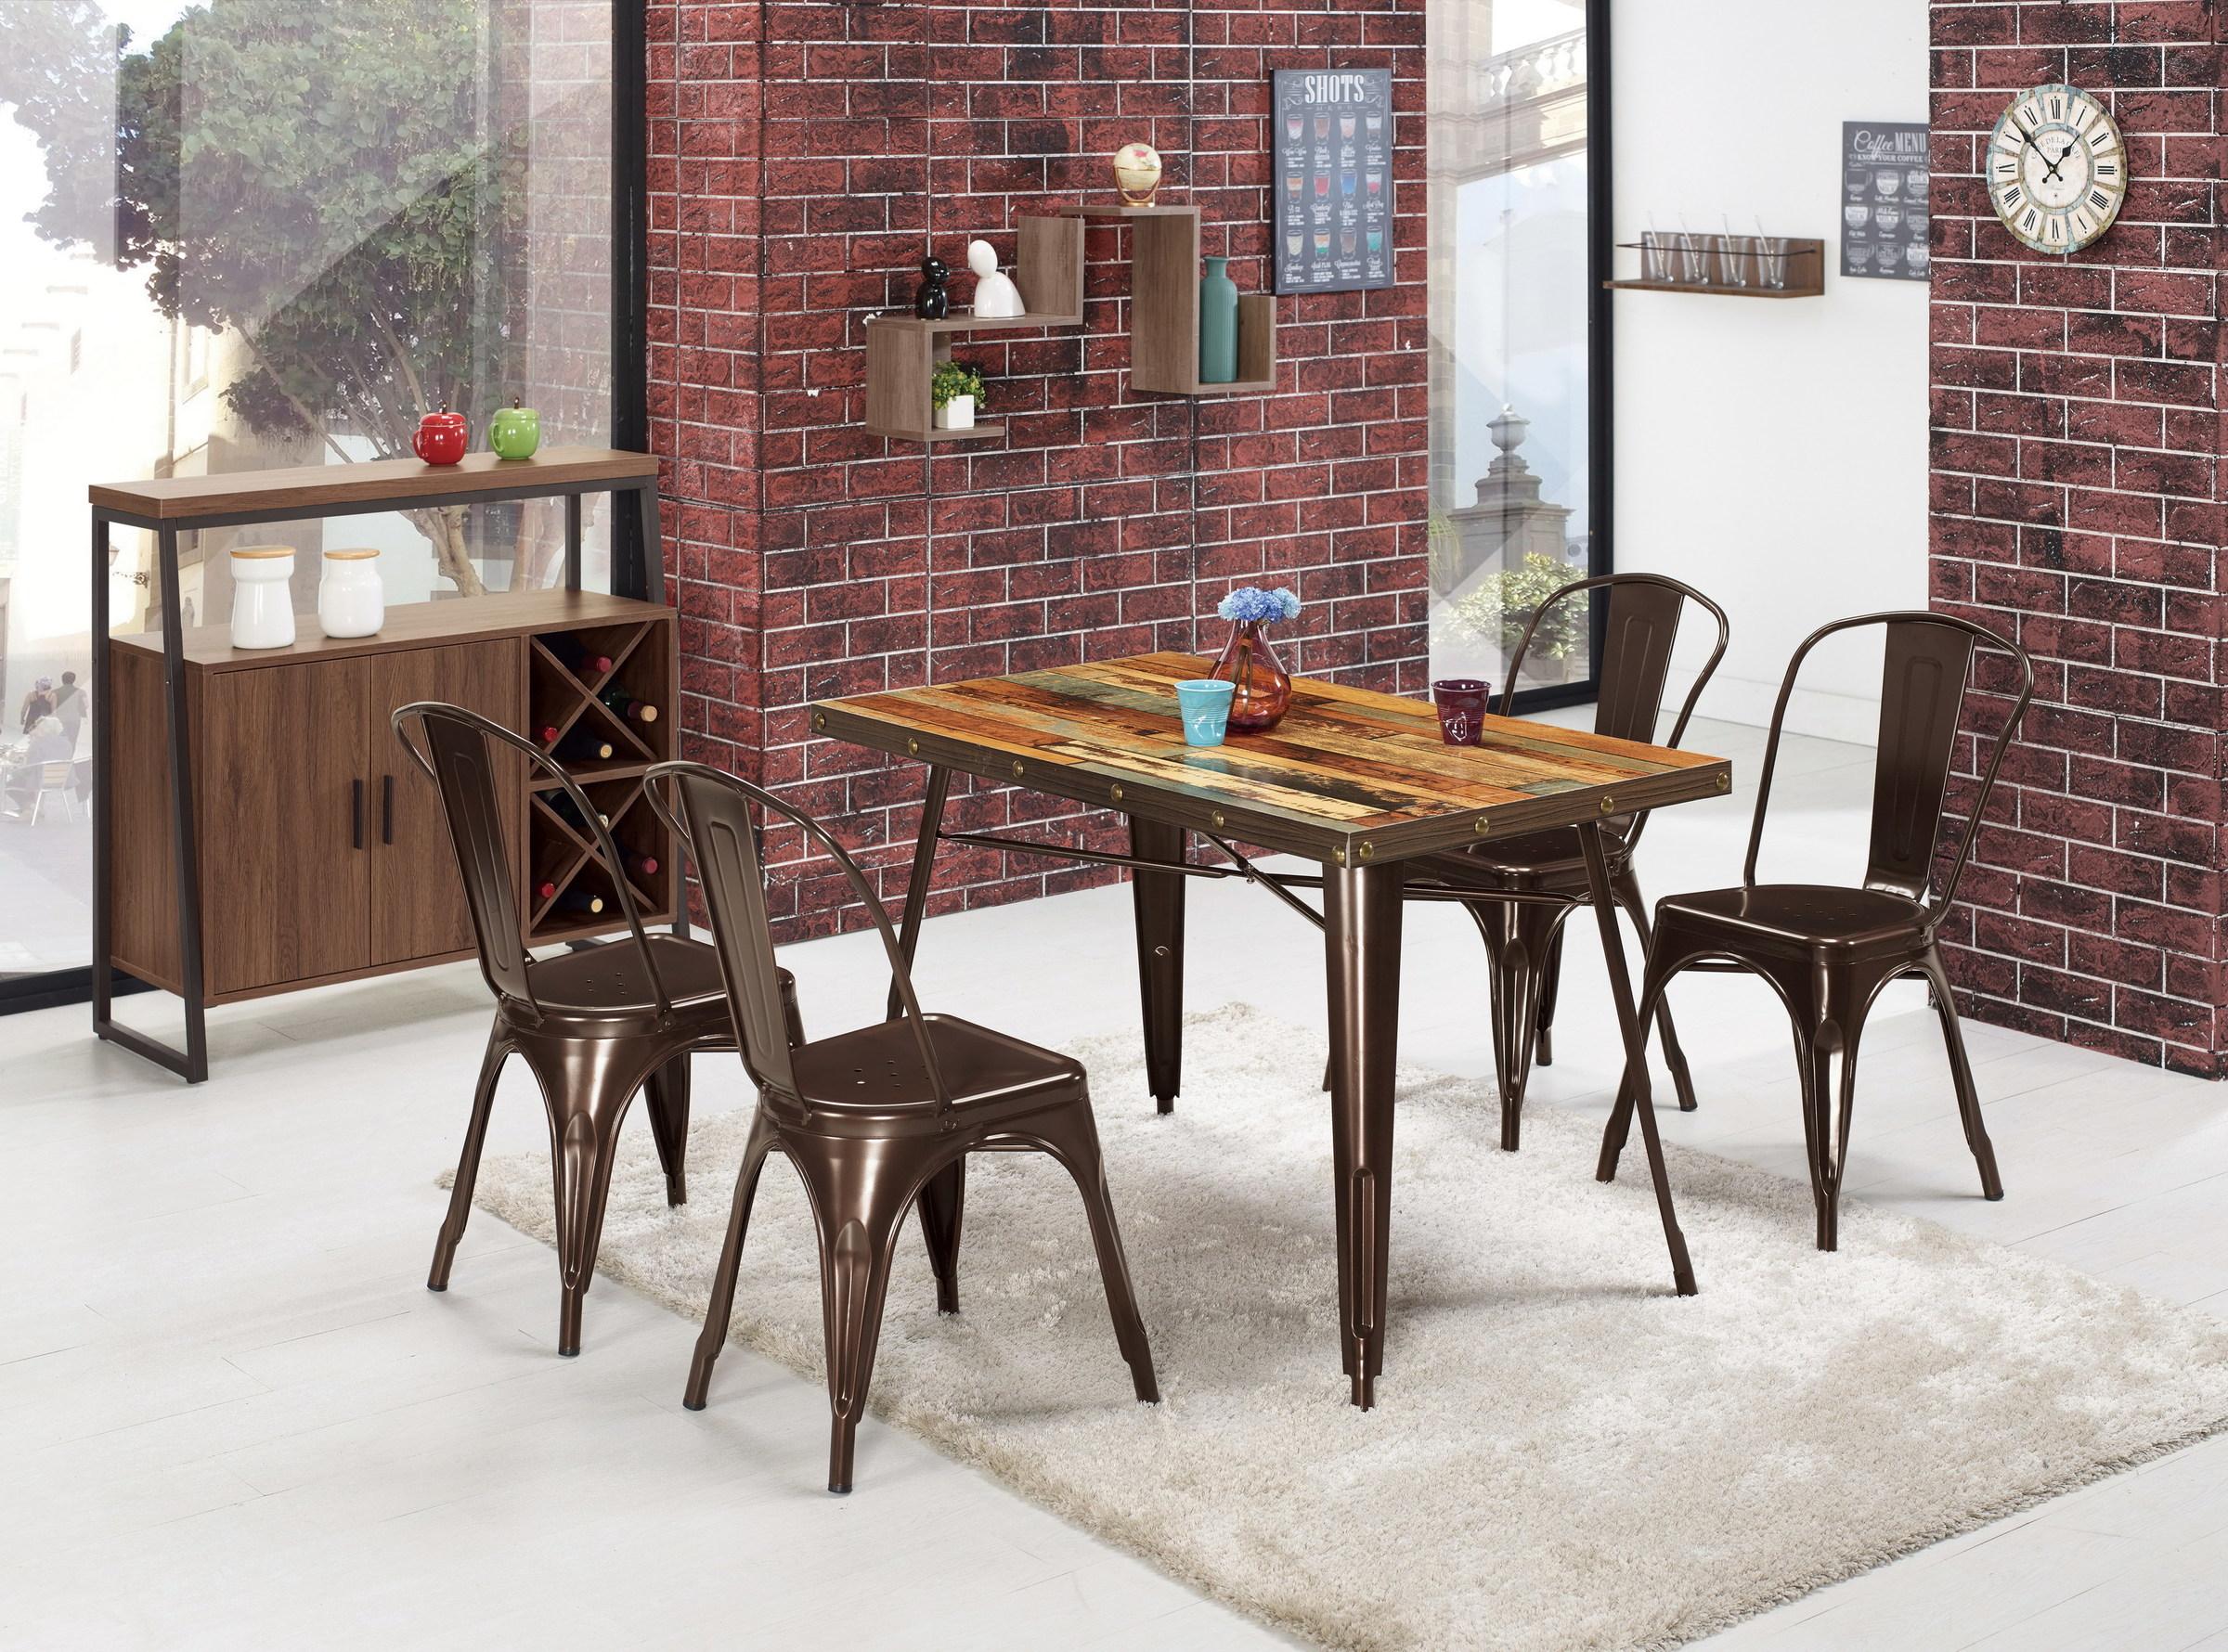 478-2 傑克4尺商業桌+520-6+520-8.jpg